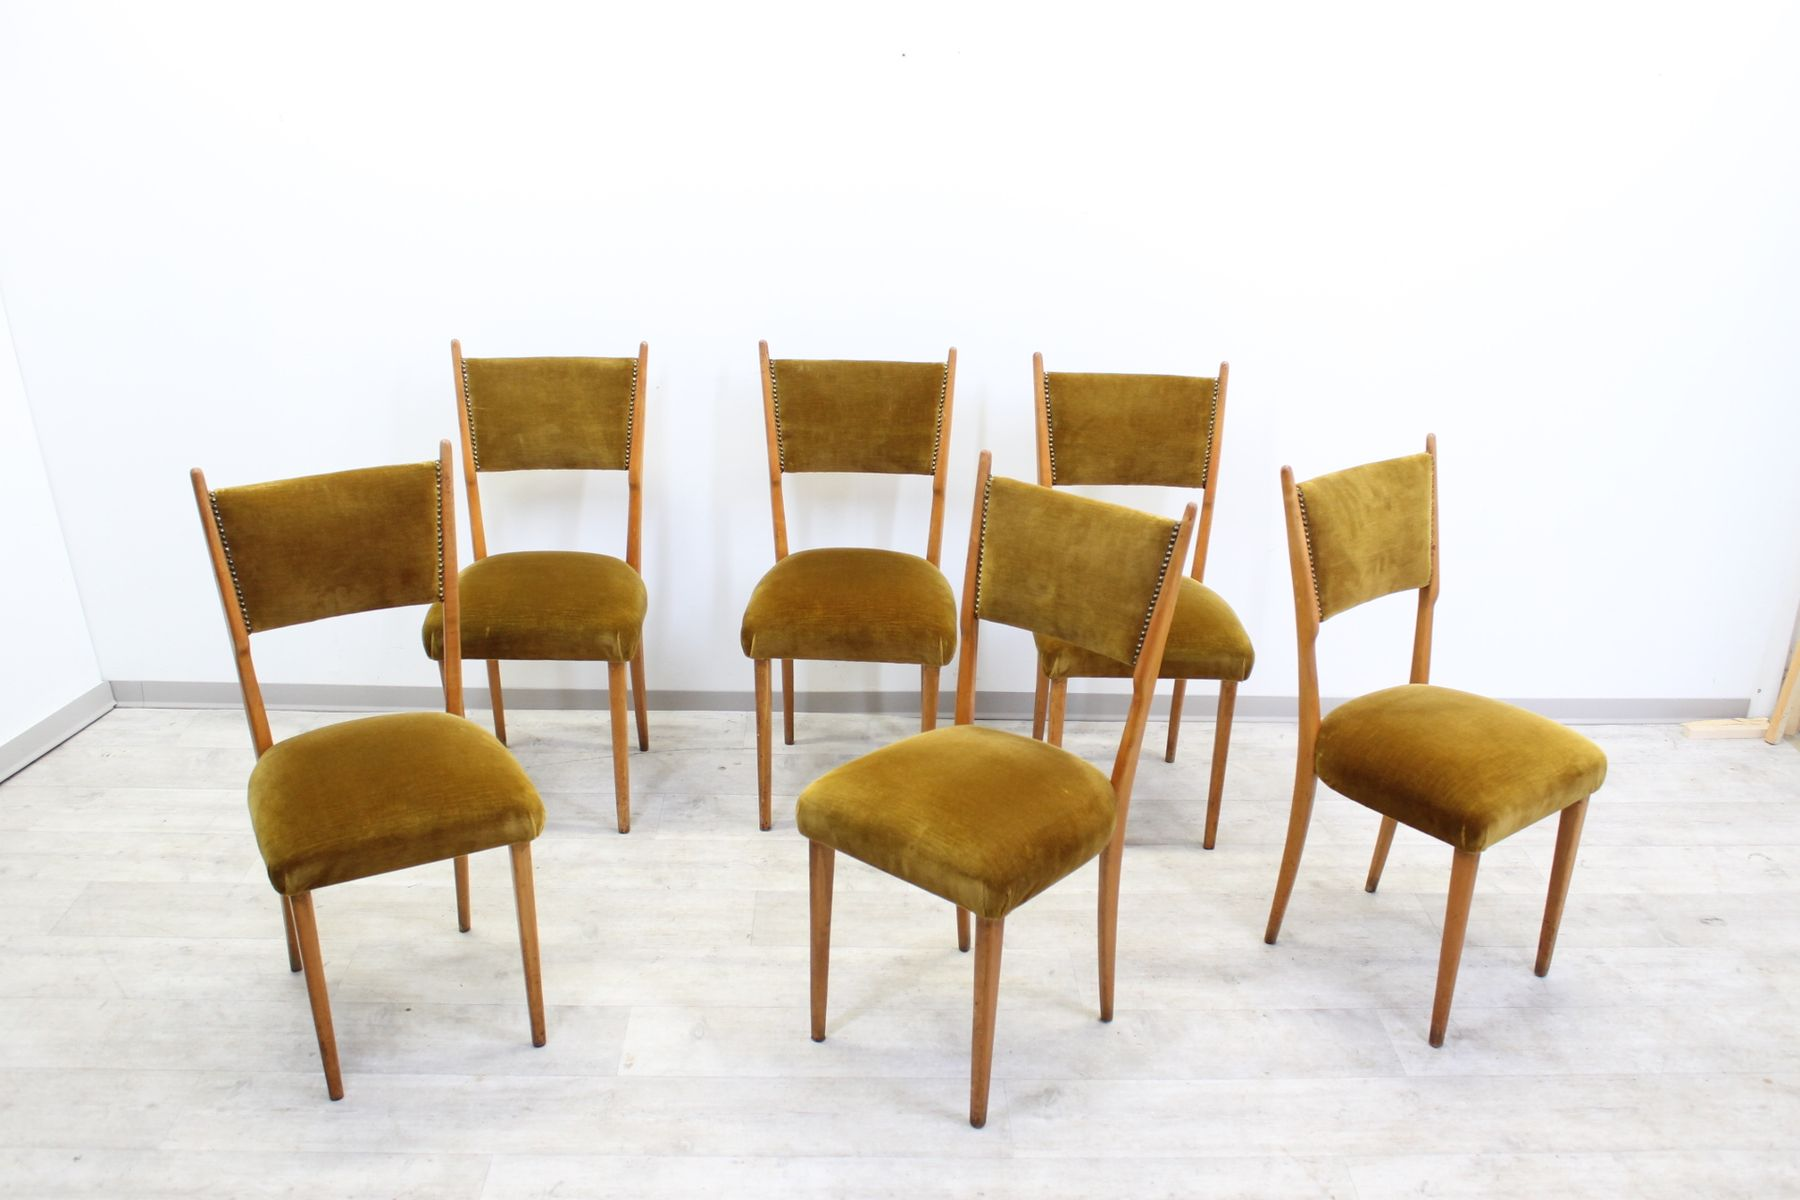 italienische mid century eichenholz esszimmerst hle 6er. Black Bedroom Furniture Sets. Home Design Ideas